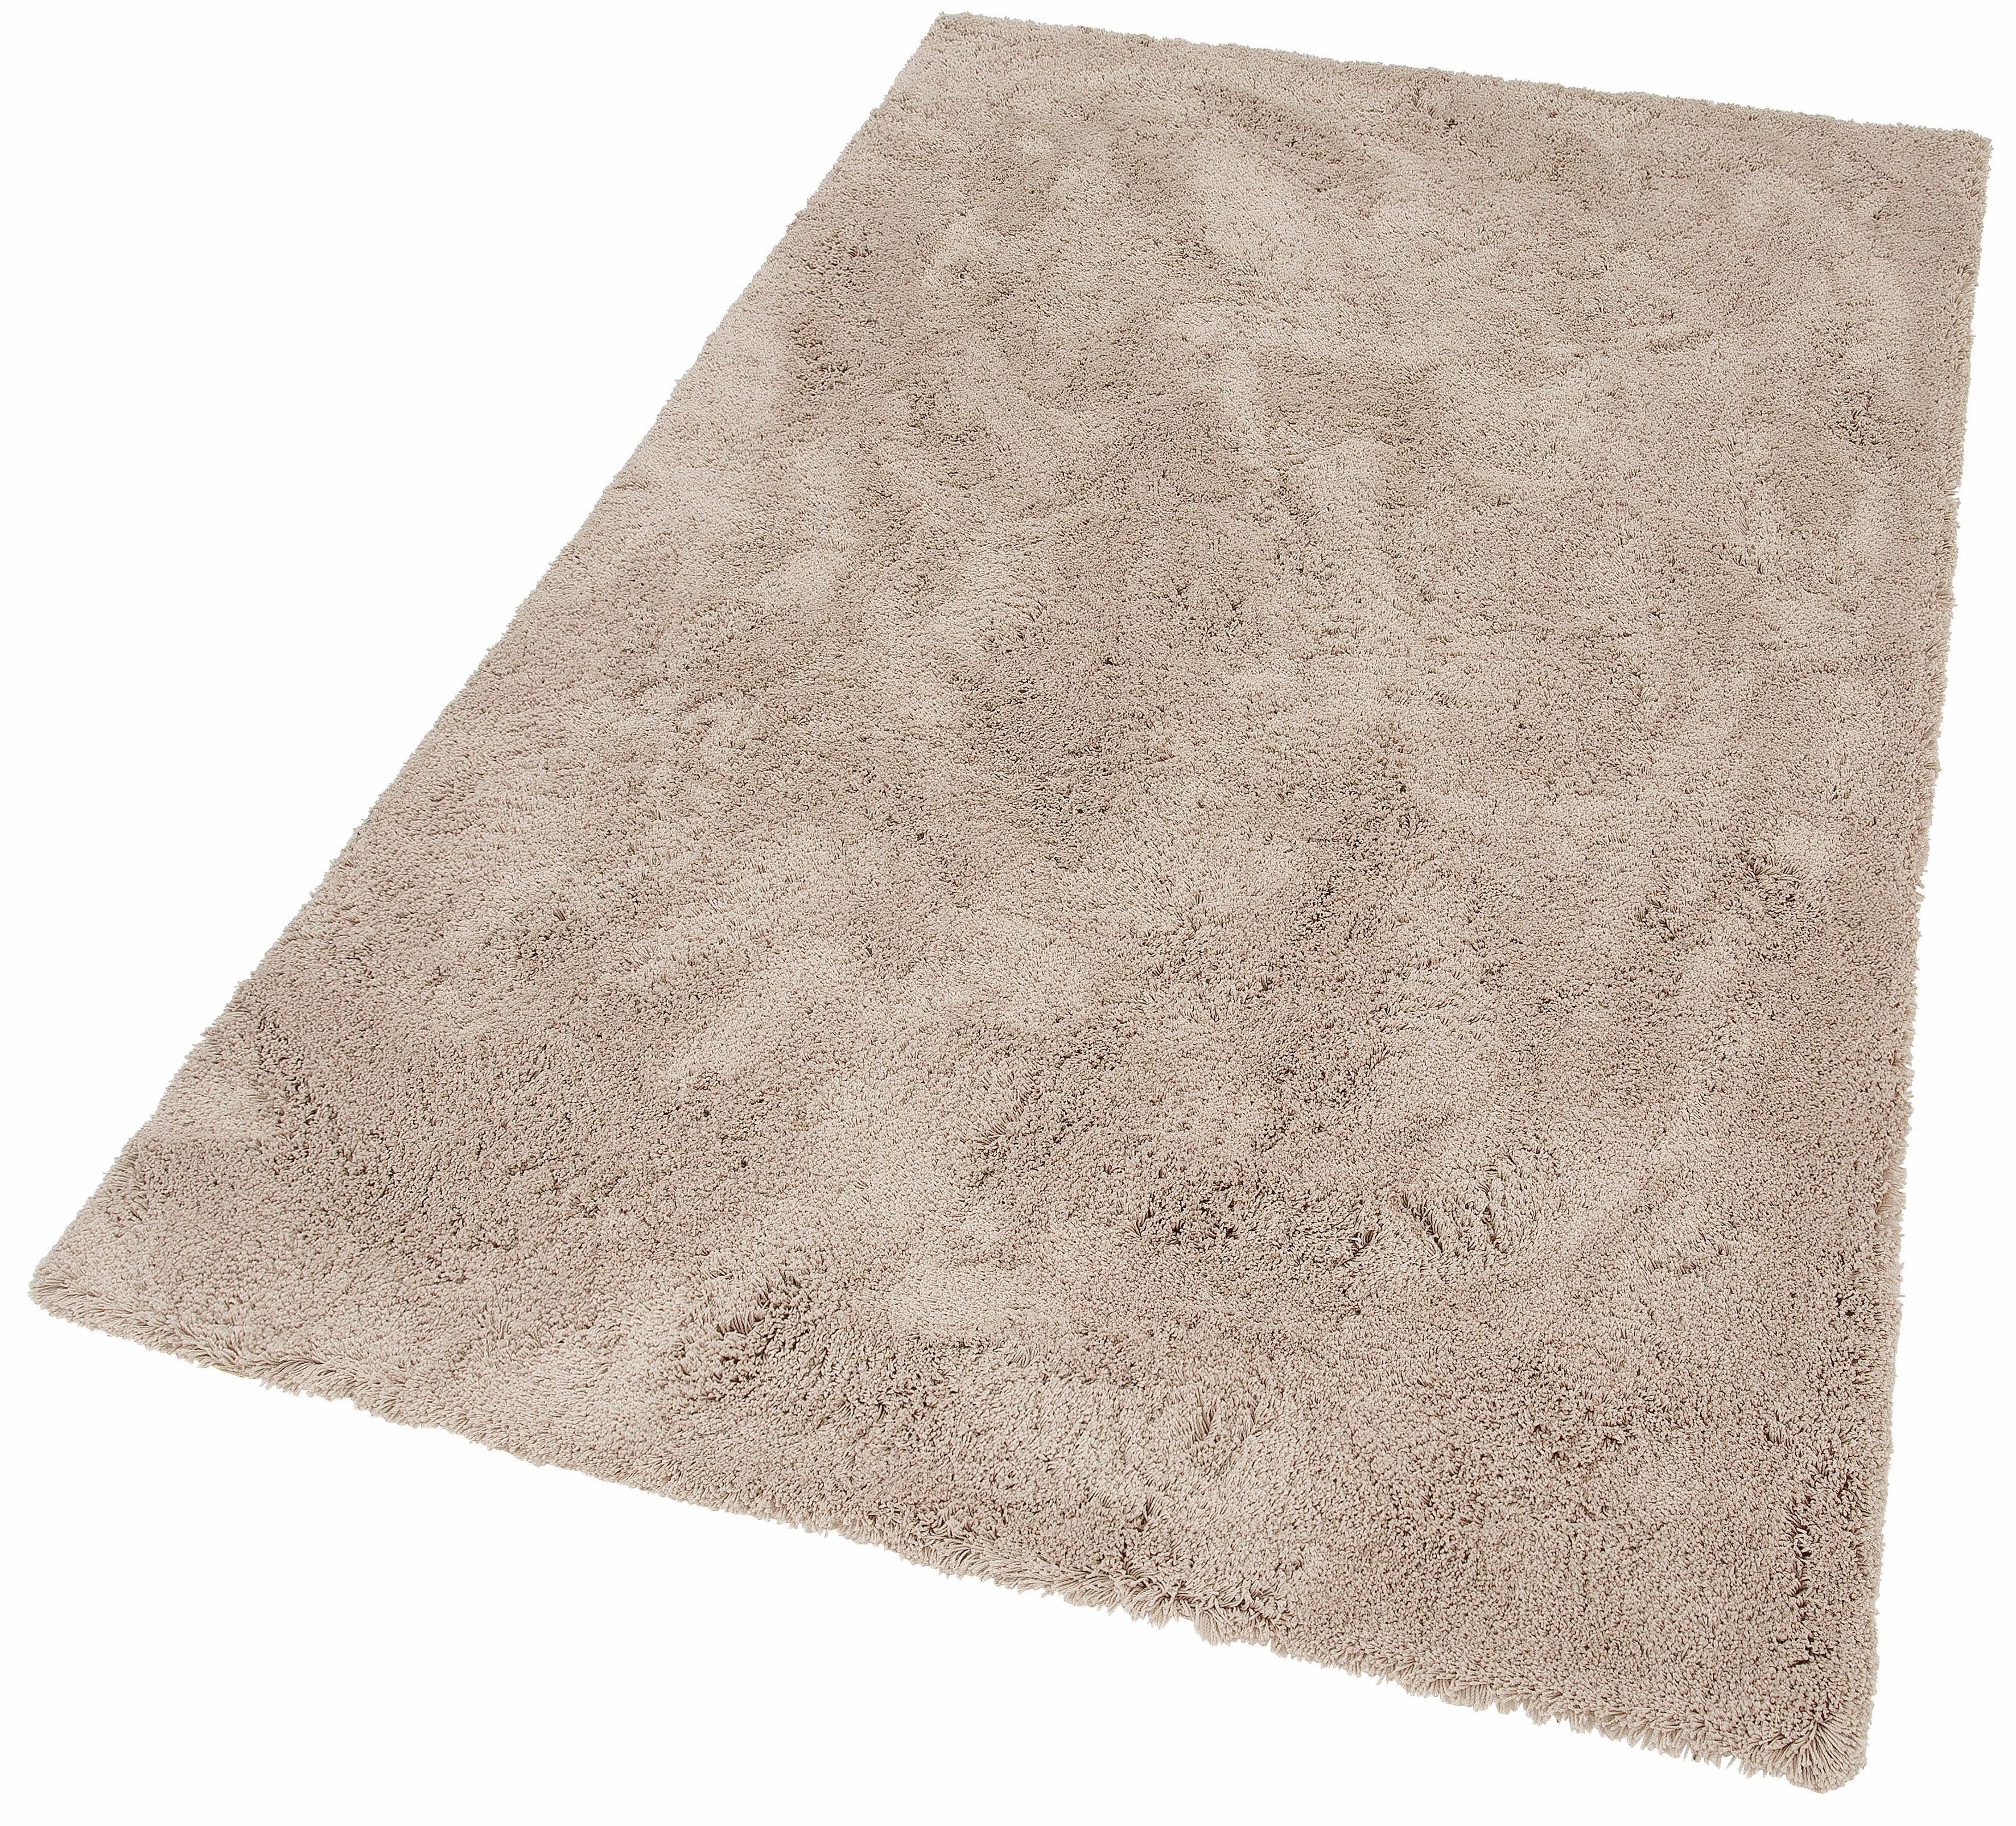 esszimmer teppich esszimmer teppich beste ideen f r. Black Bedroom Furniture Sets. Home Design Ideas